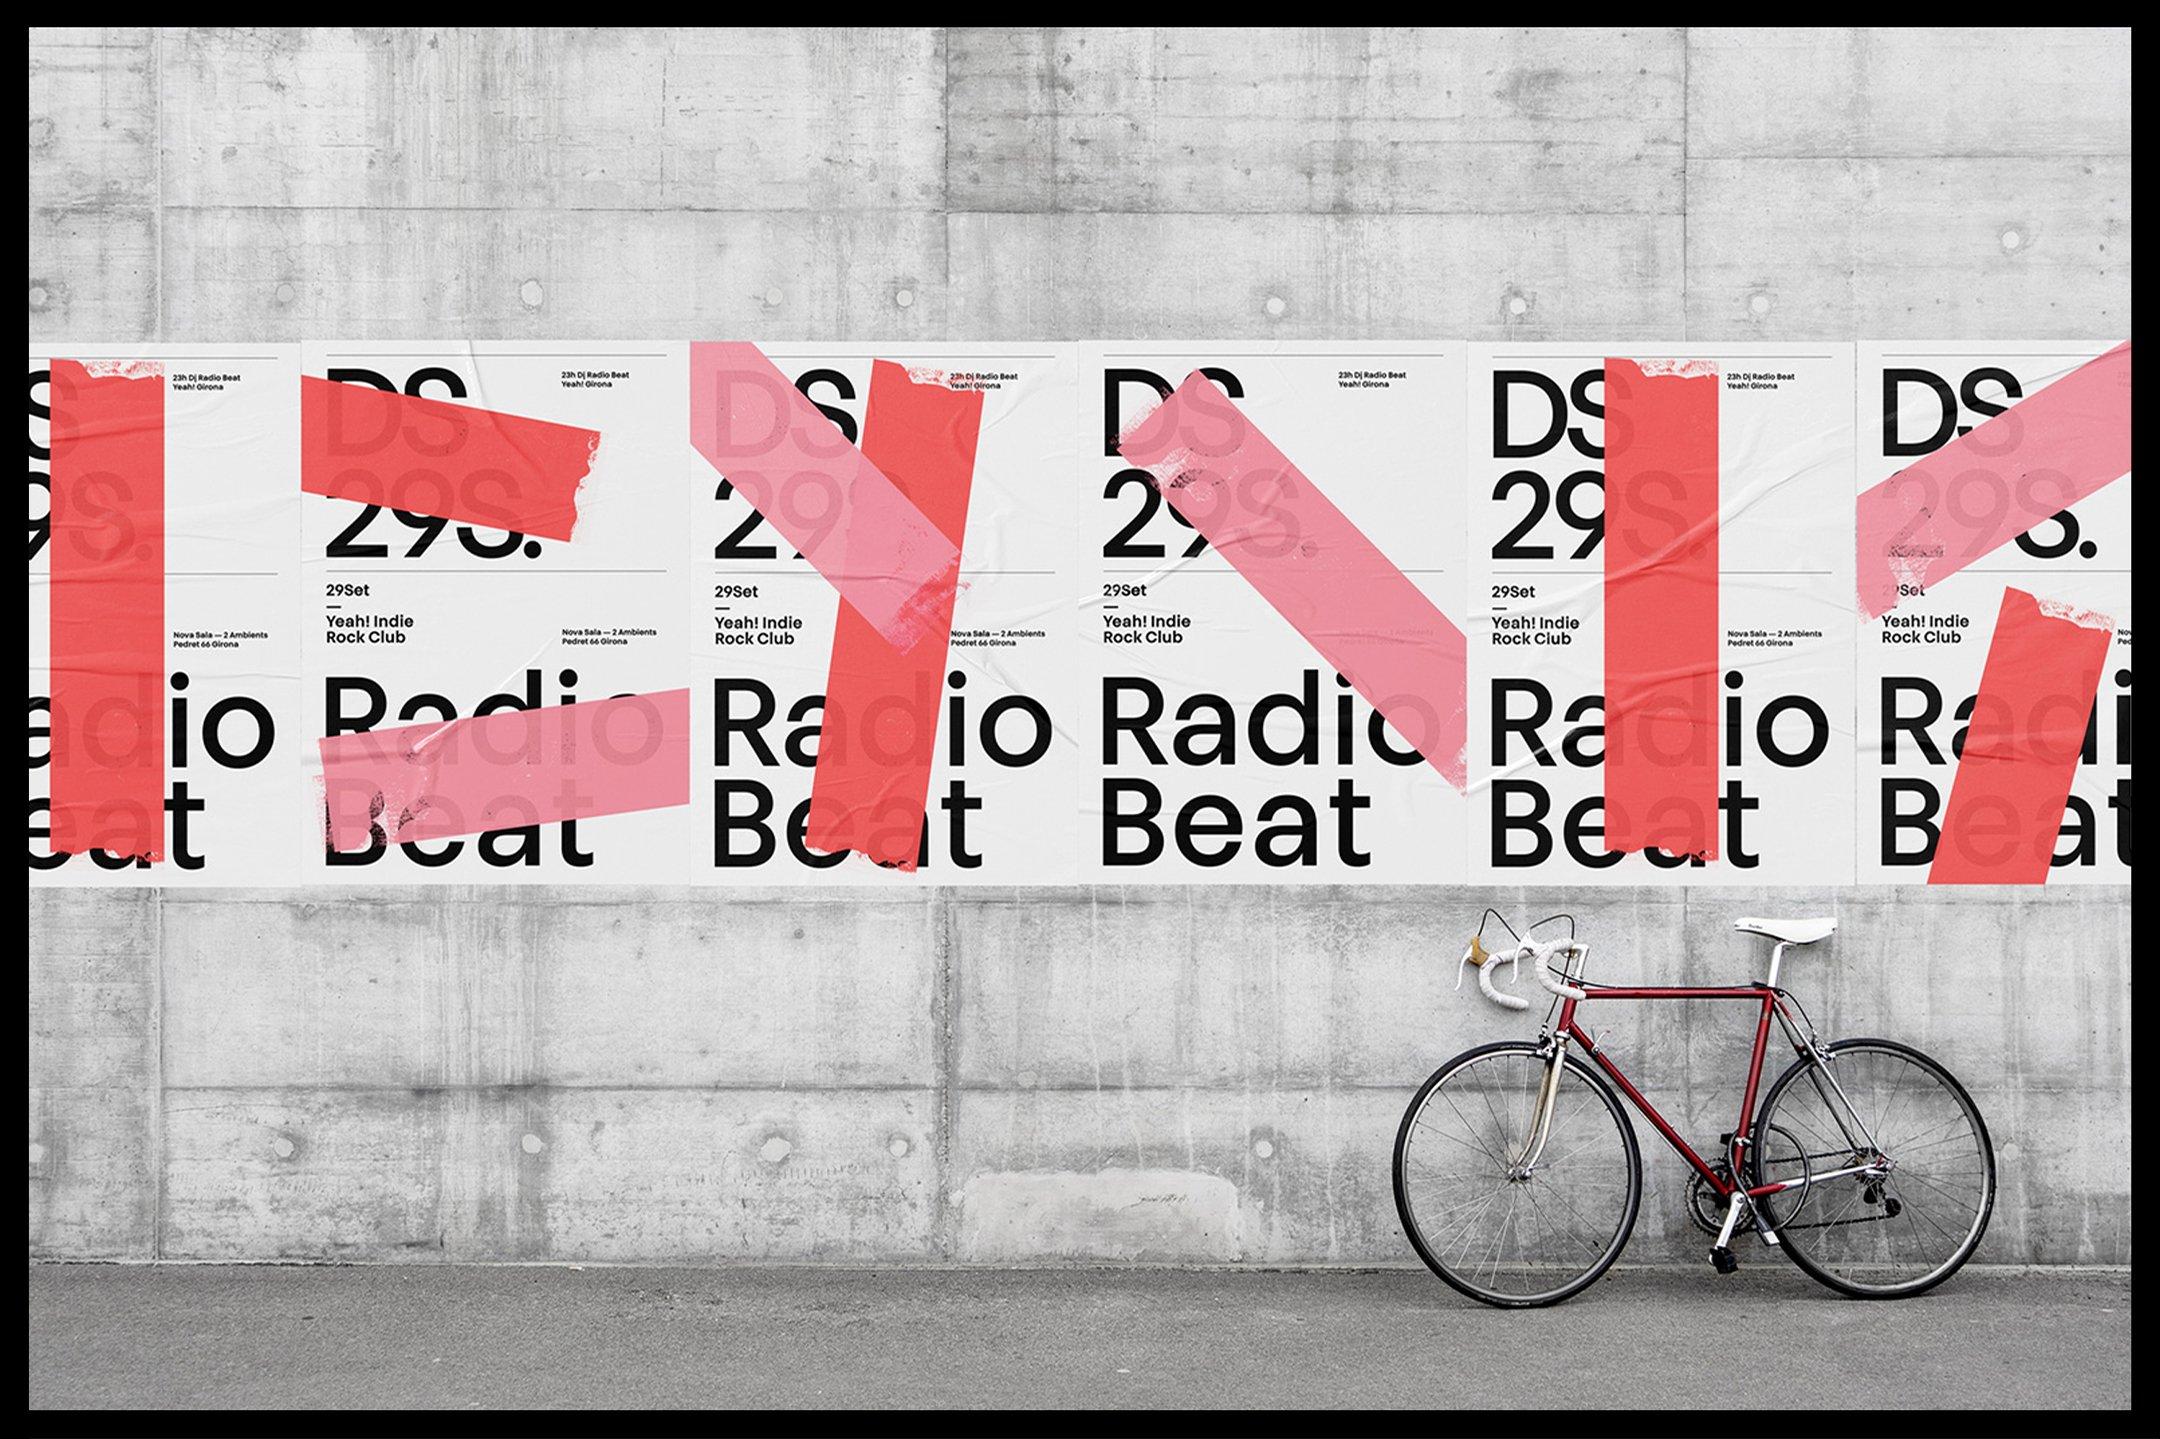 褶皱城市街头墙贴海报传单样机模板 Glued Poster Mockups插图(9)